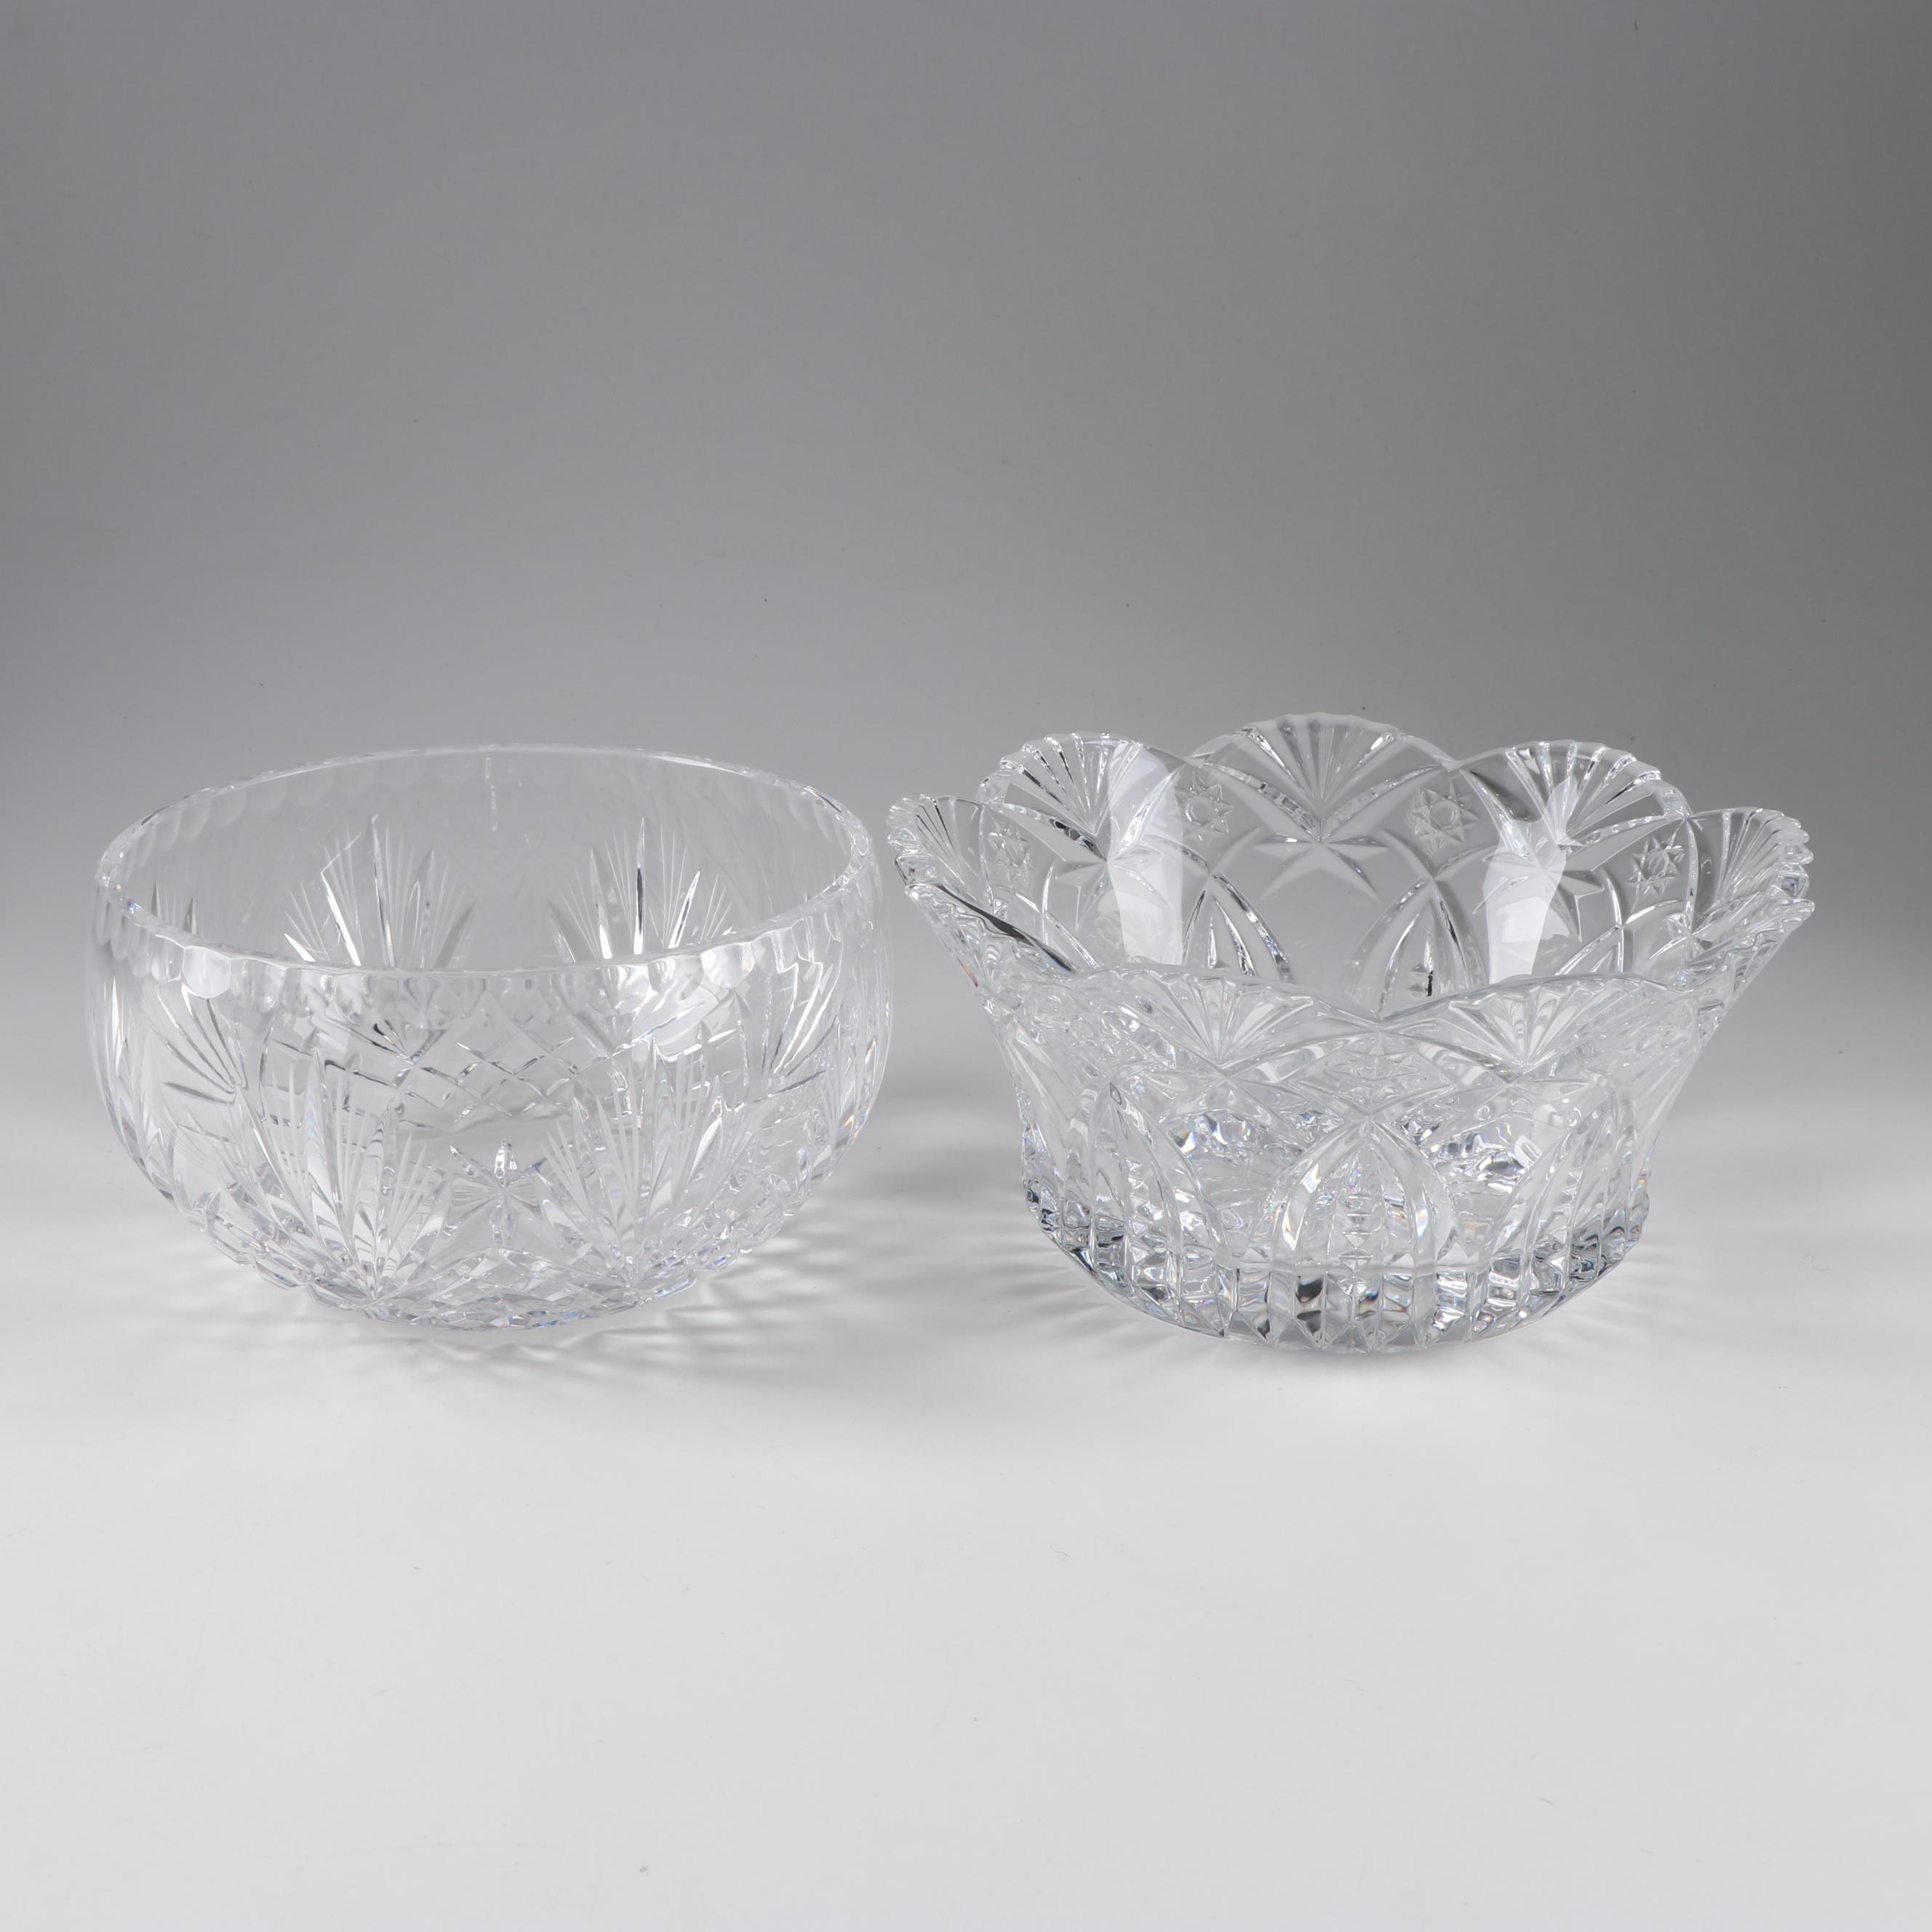 Crystal Bowl and Dish